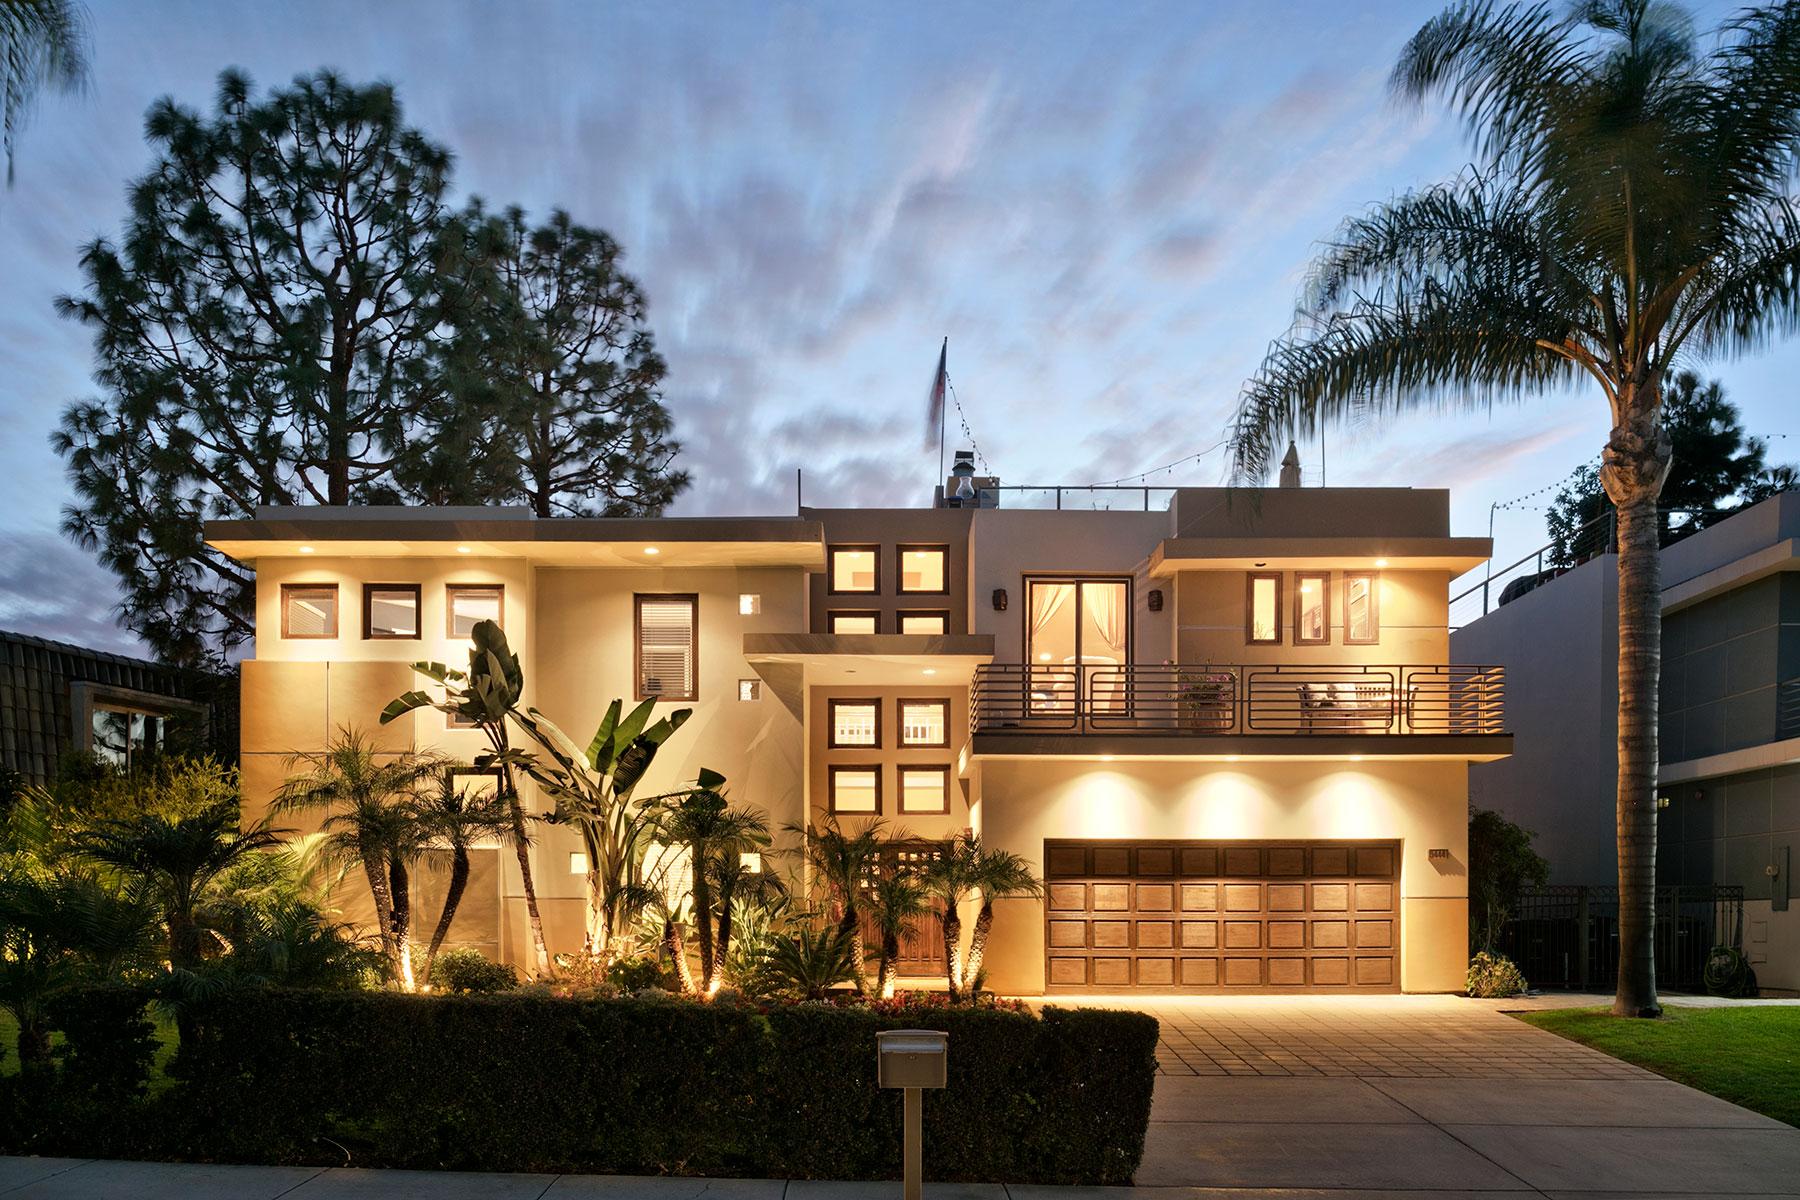 단독 가정 주택 용 매매 에 34441 Camino Capistano 34441 Camino Capistrano Dana Point, 캘리포니아, 92624 미국